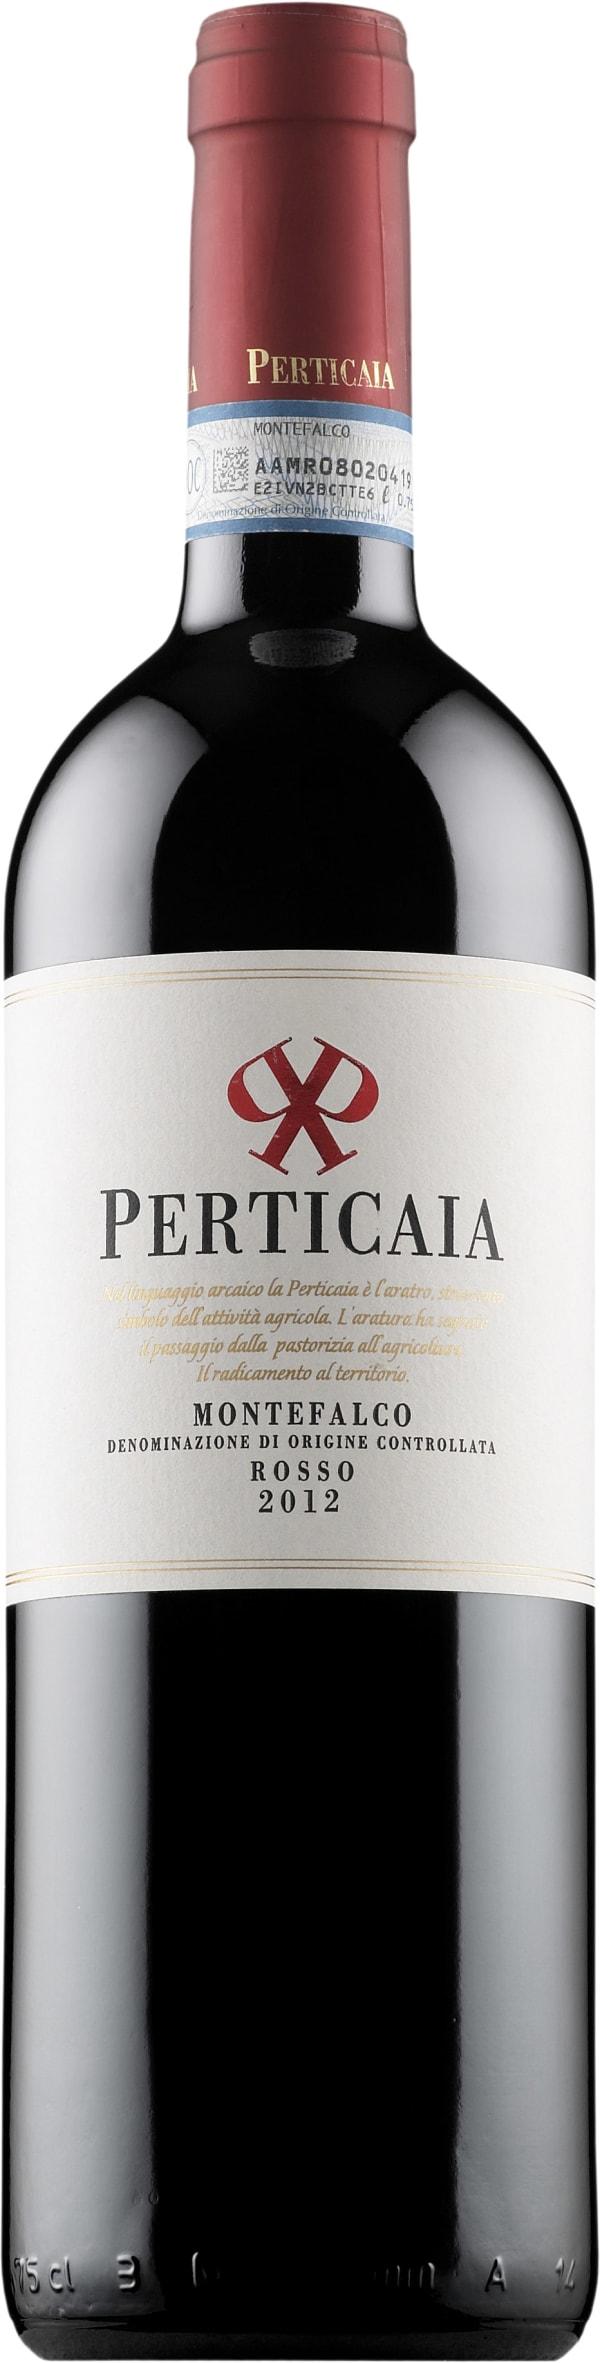 Perticaia Montefalco Rosso 2014